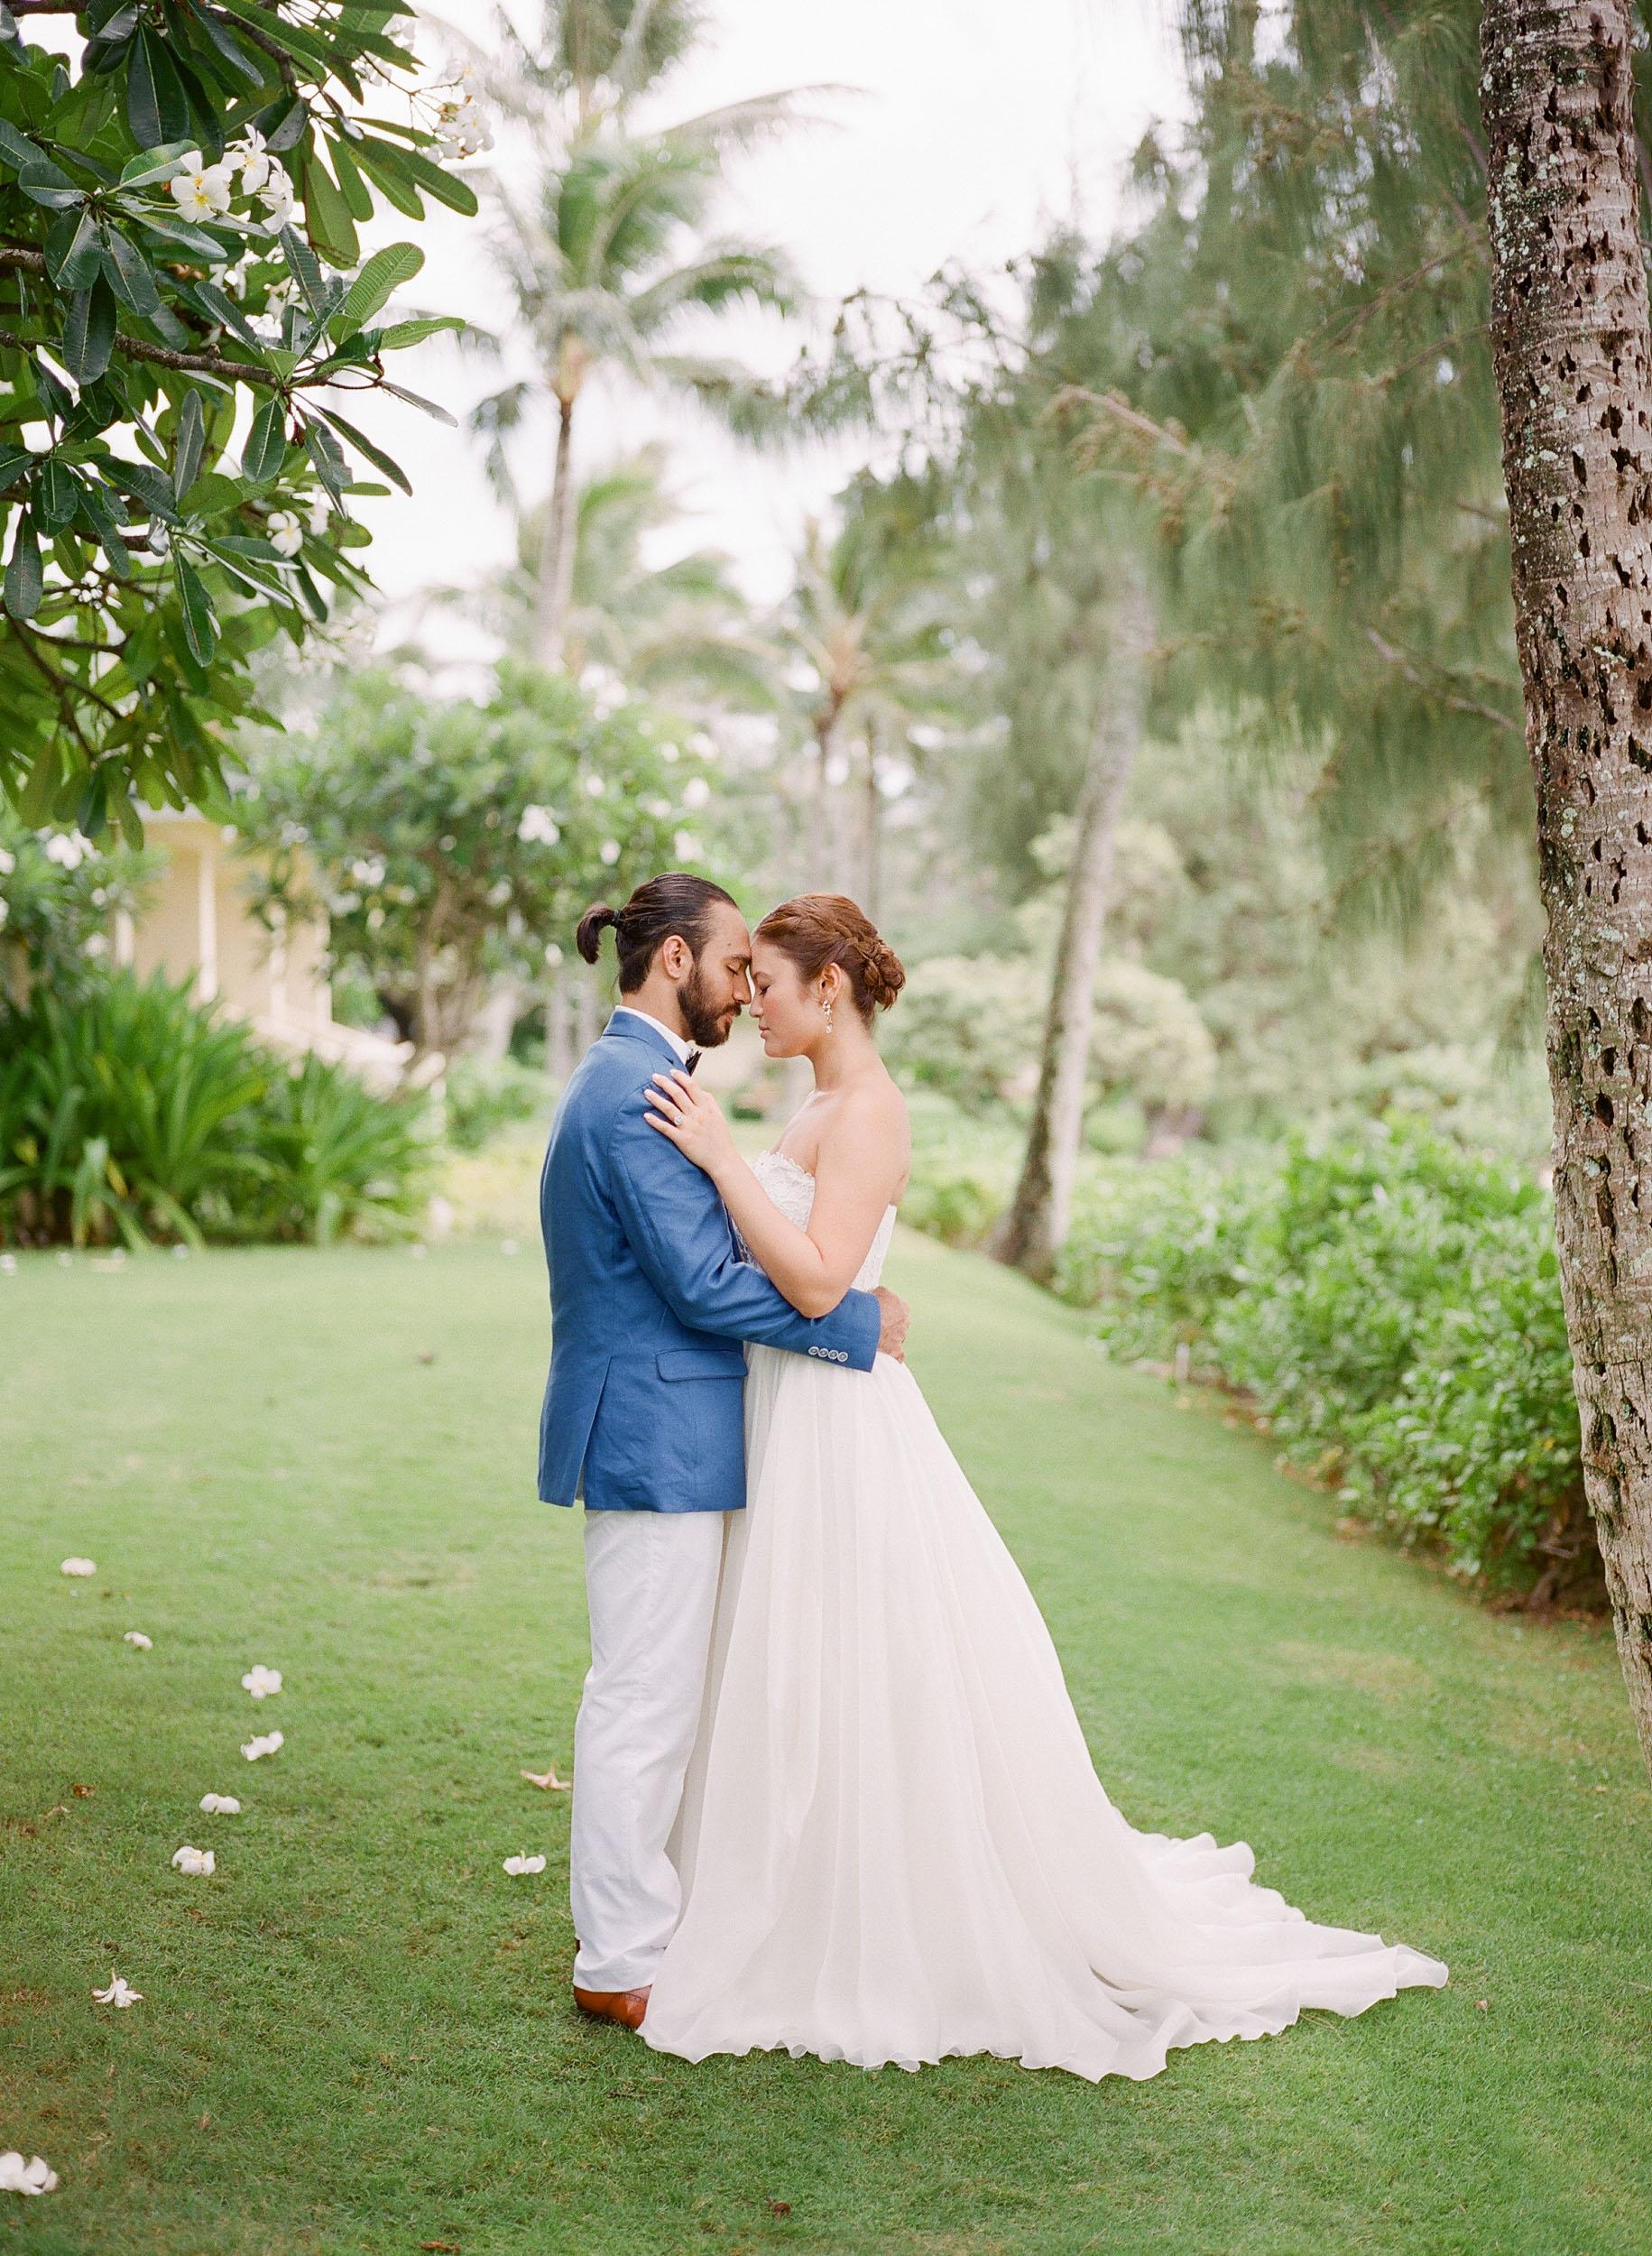 turtle-bay-wedding-oahu-016.jpg